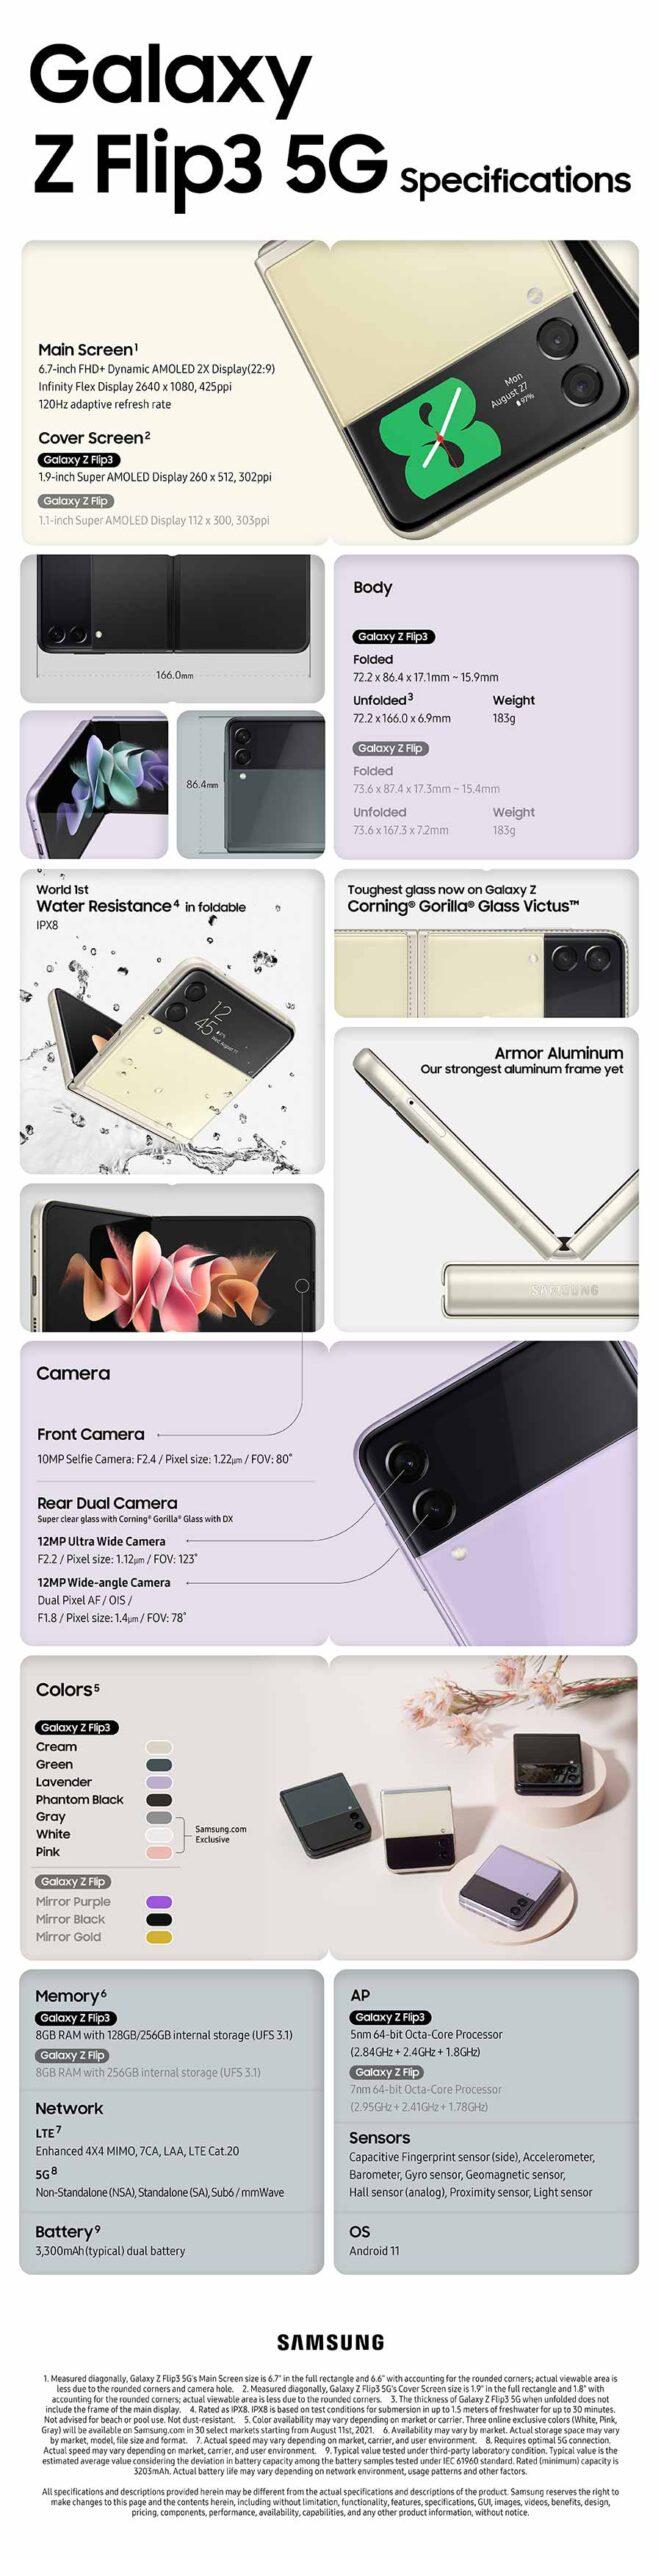 Samsung Galaxy Z Flip3 5G